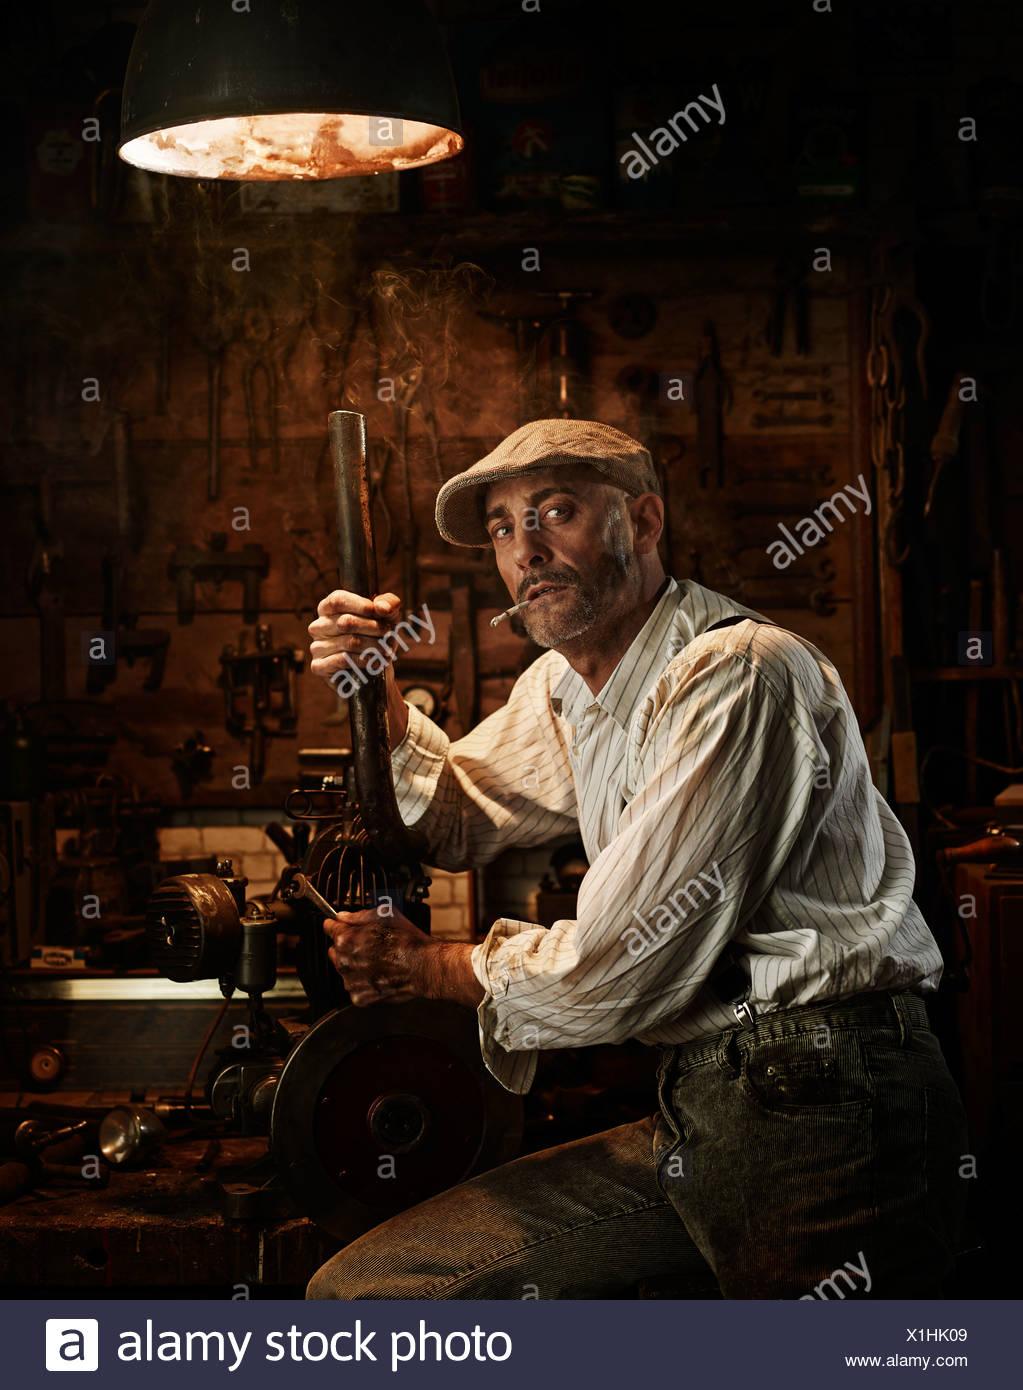 Mann mit Hut und Zigarette Reparatur eines Motors in einer Werkstatt Stockbild